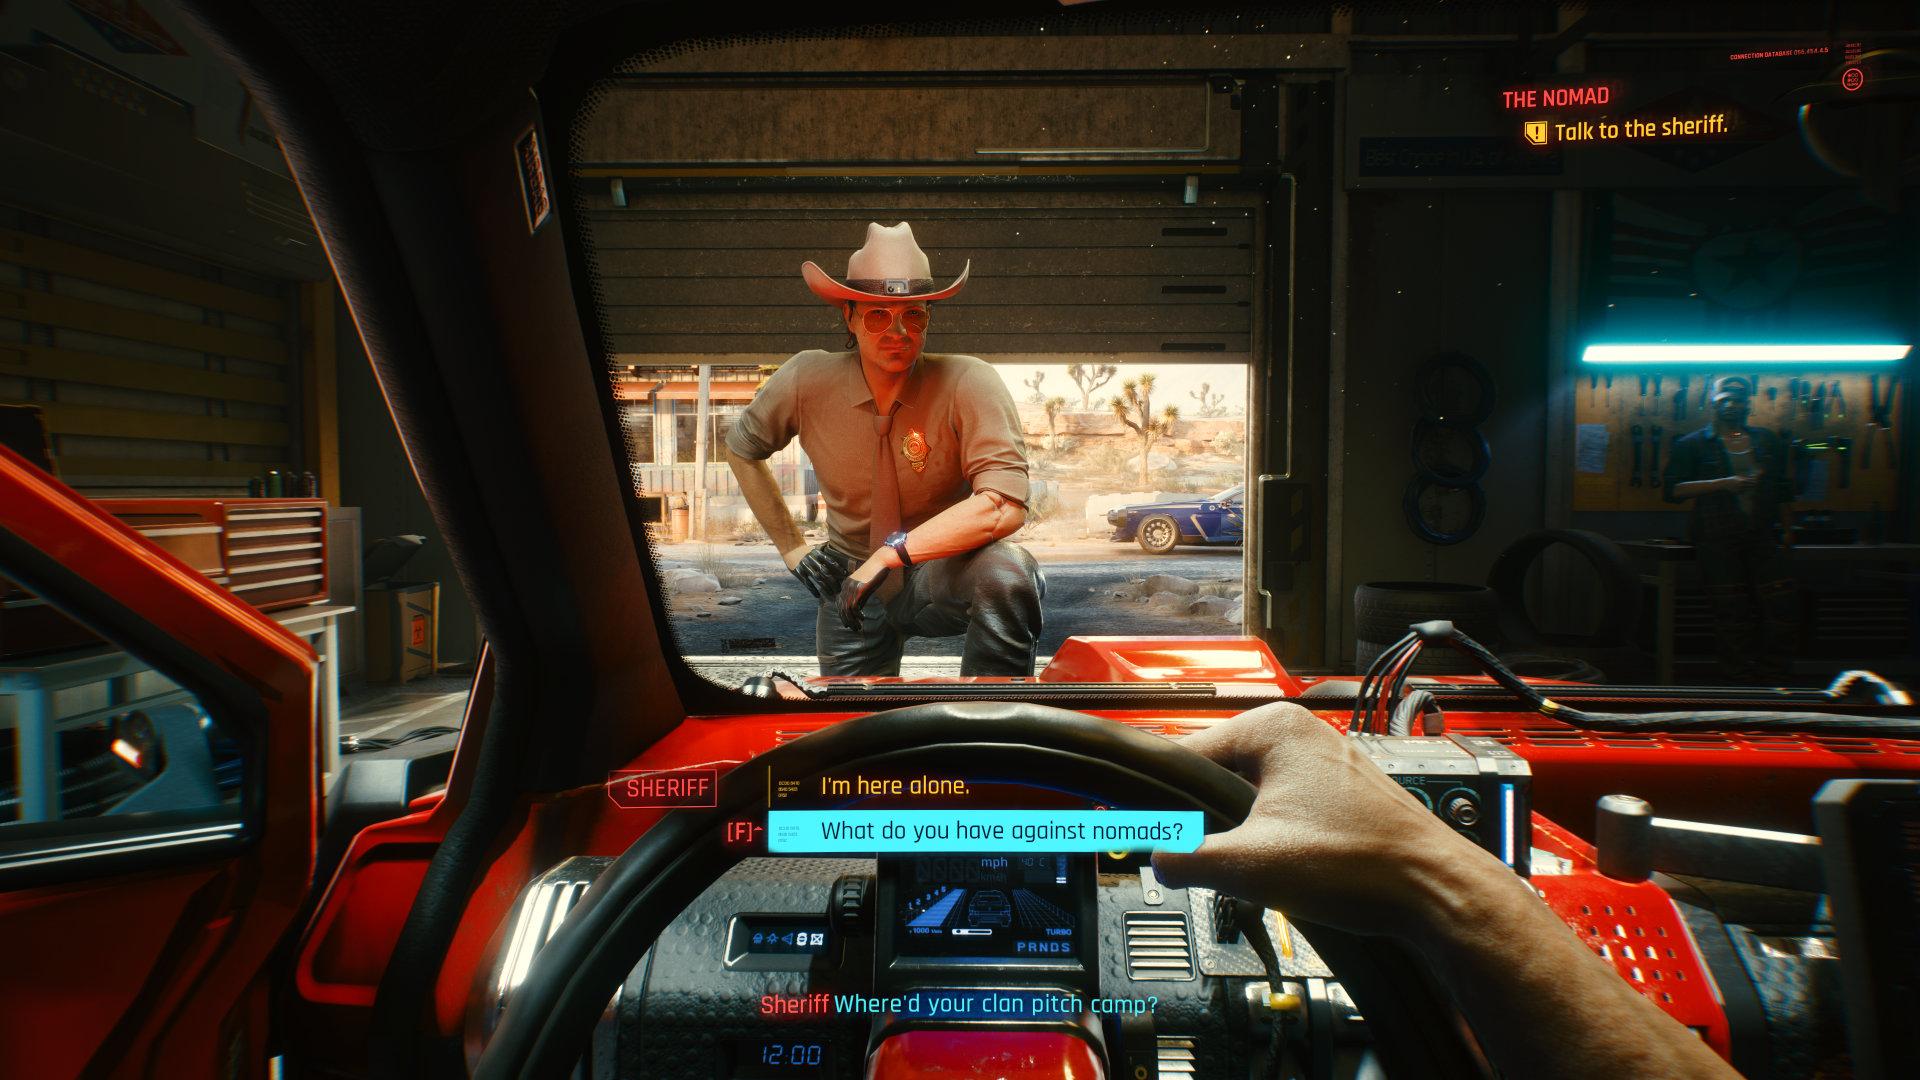 Quelle: CPR - Cyberpunk 2077 - Unterhaltung mit dem Sheriff